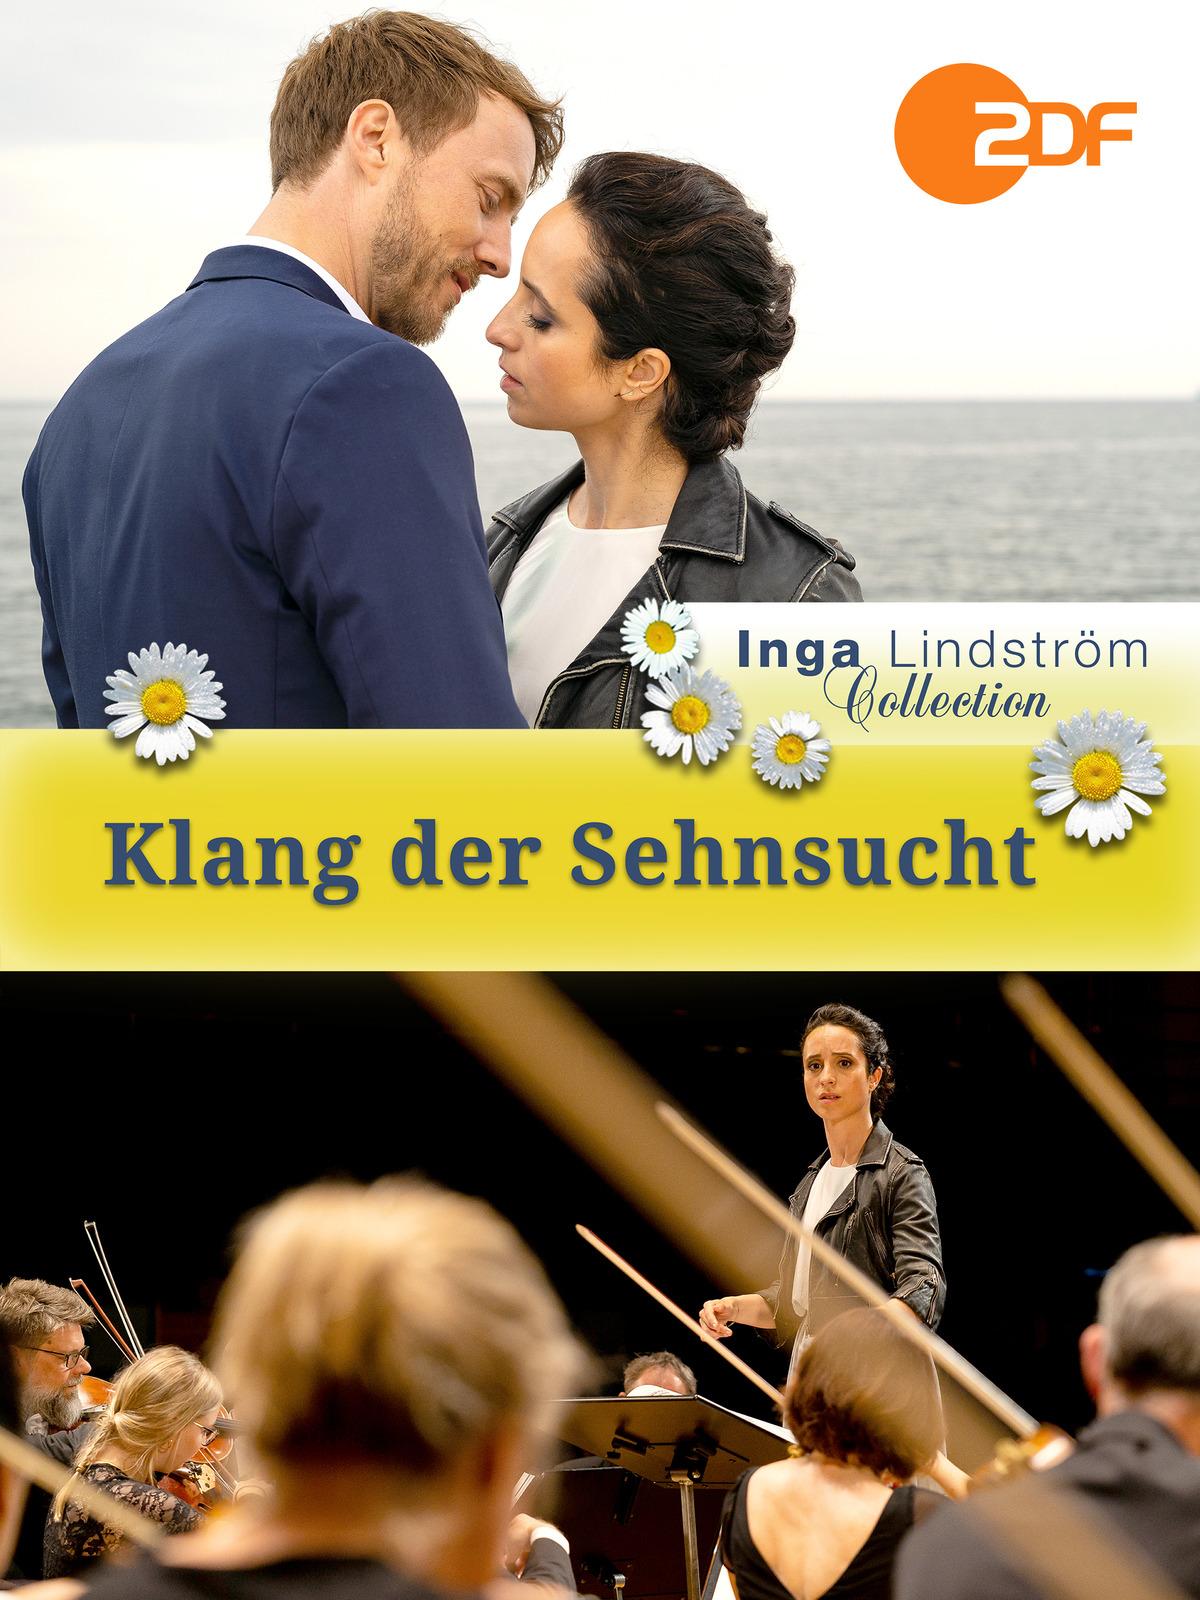 Inga Lindström: Klang der Sehnsucht